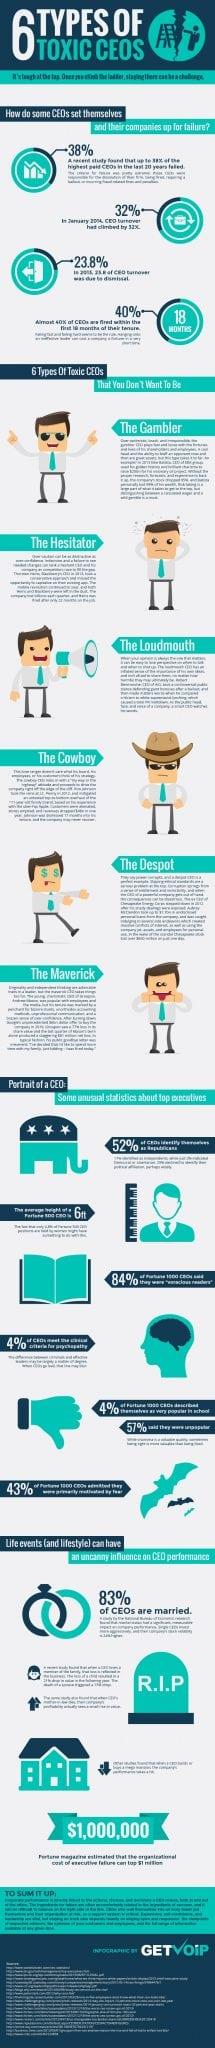 Infographic Credit: Get VIOP